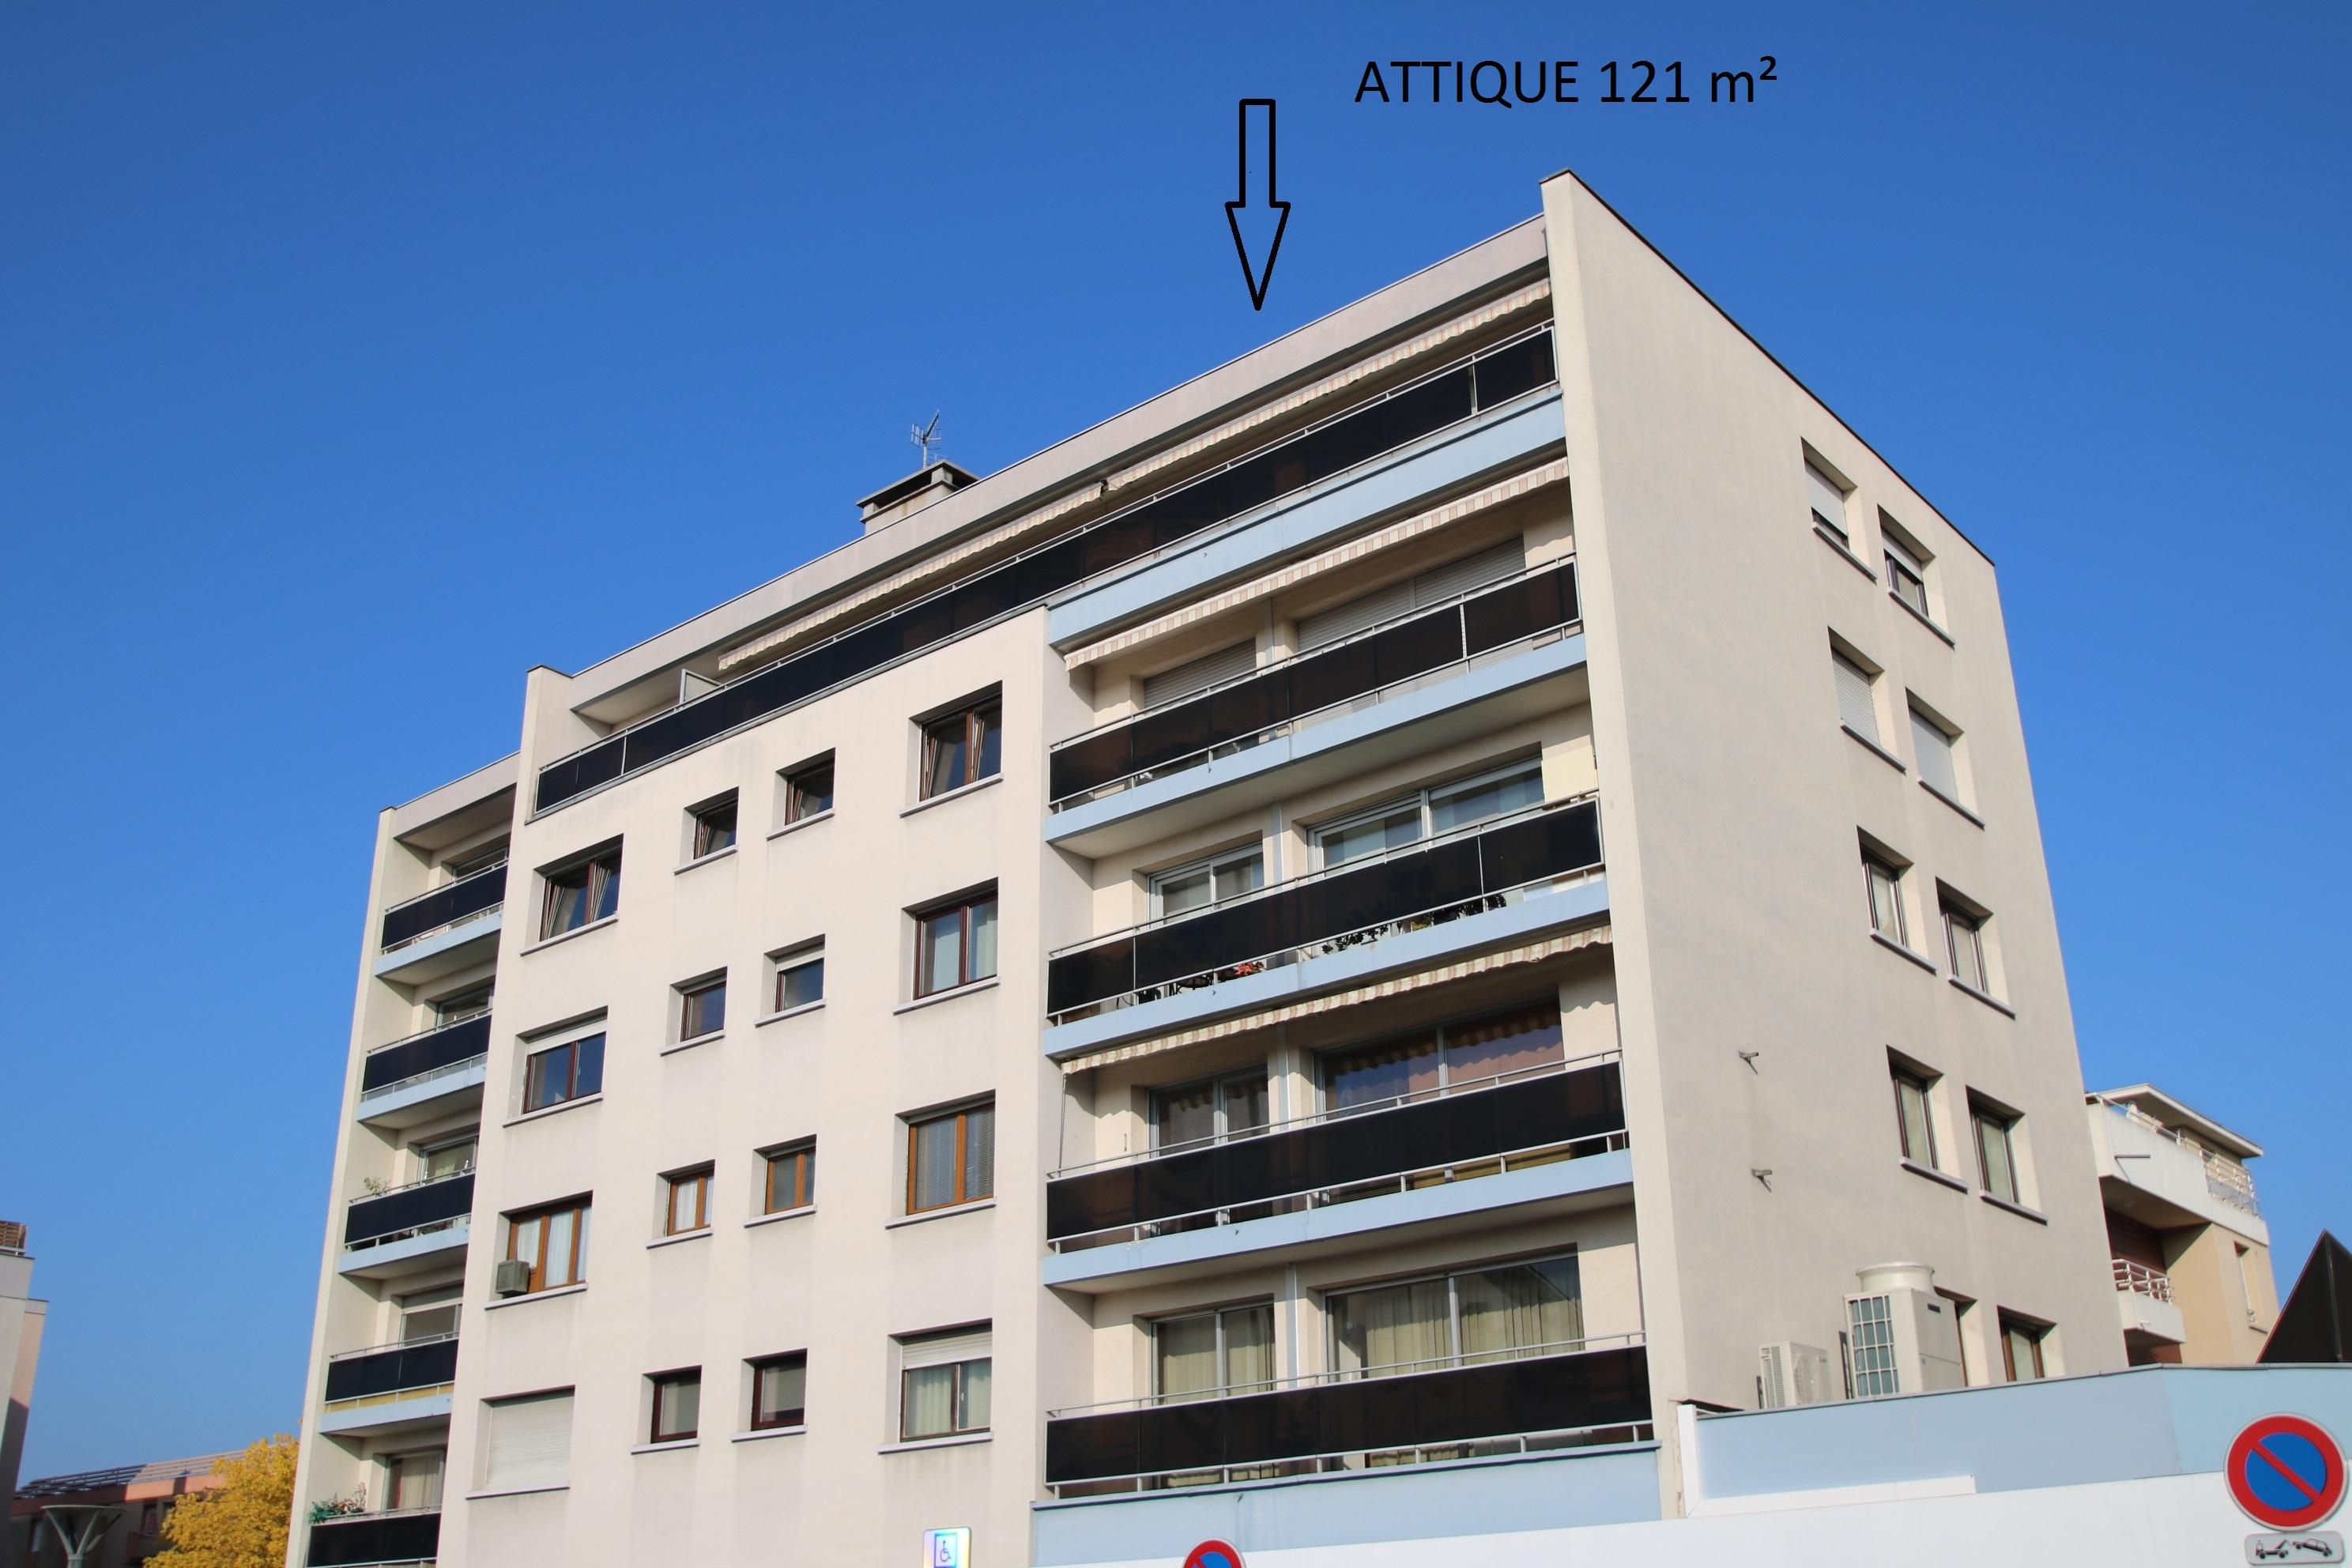 Dernière étage, Appartement 121 m², 5/6 pièces, grande terrasse et garage